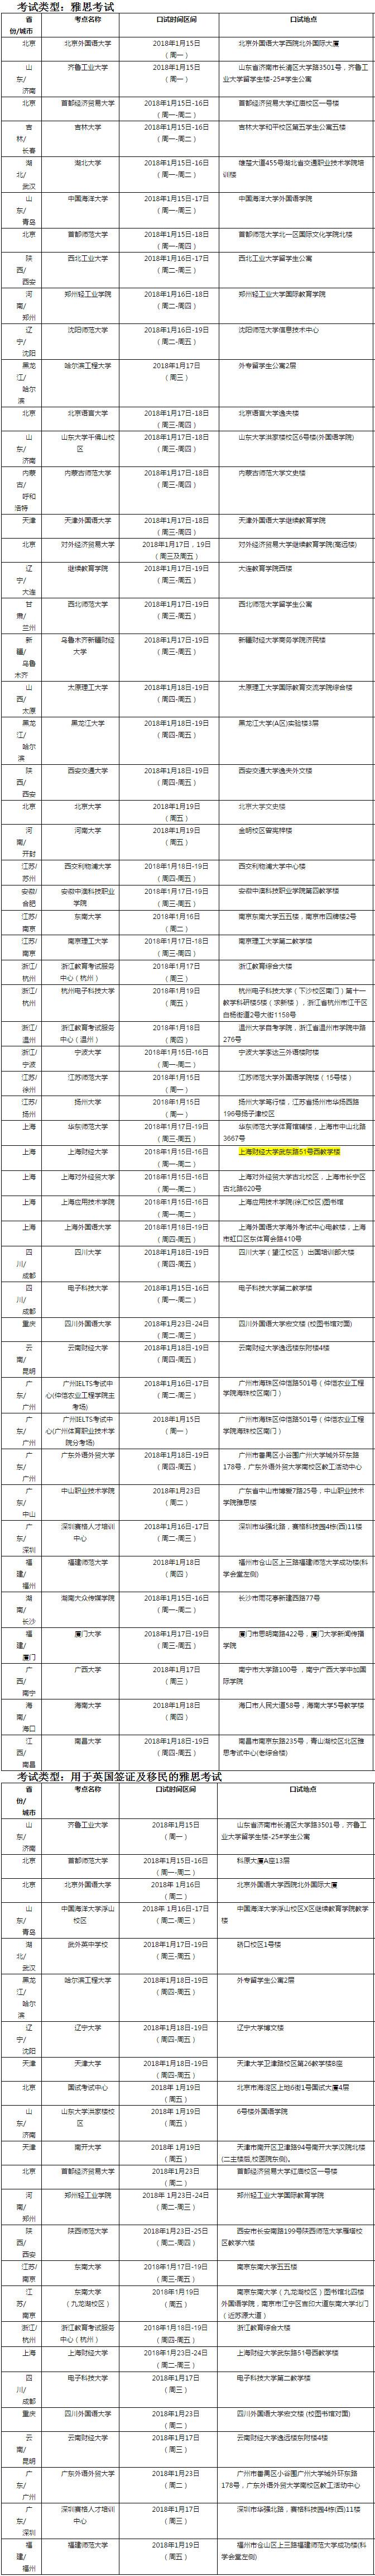 2018年1月20日雅思口语考试安排